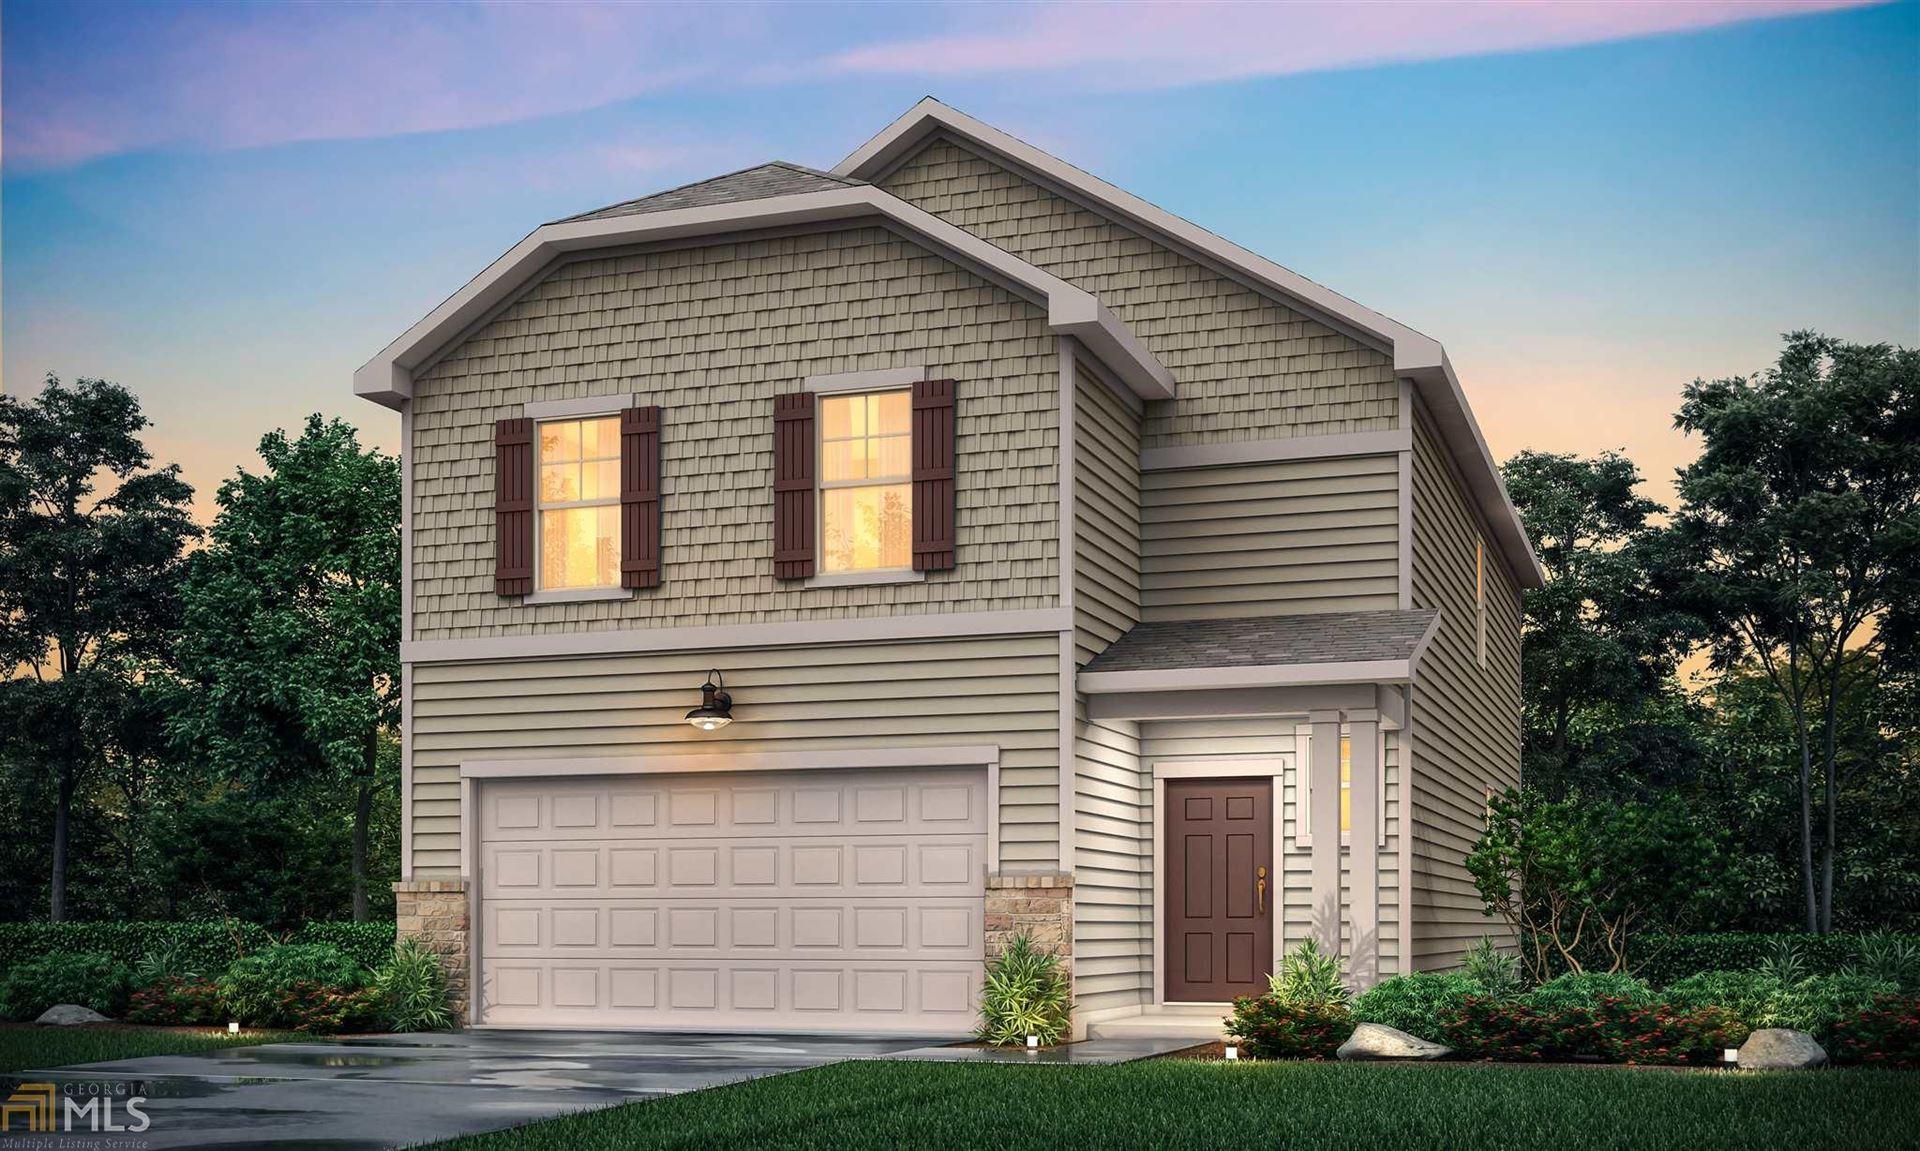 608 Moorings Ave, McDonough, GA 30253 - MLS#: 8698910